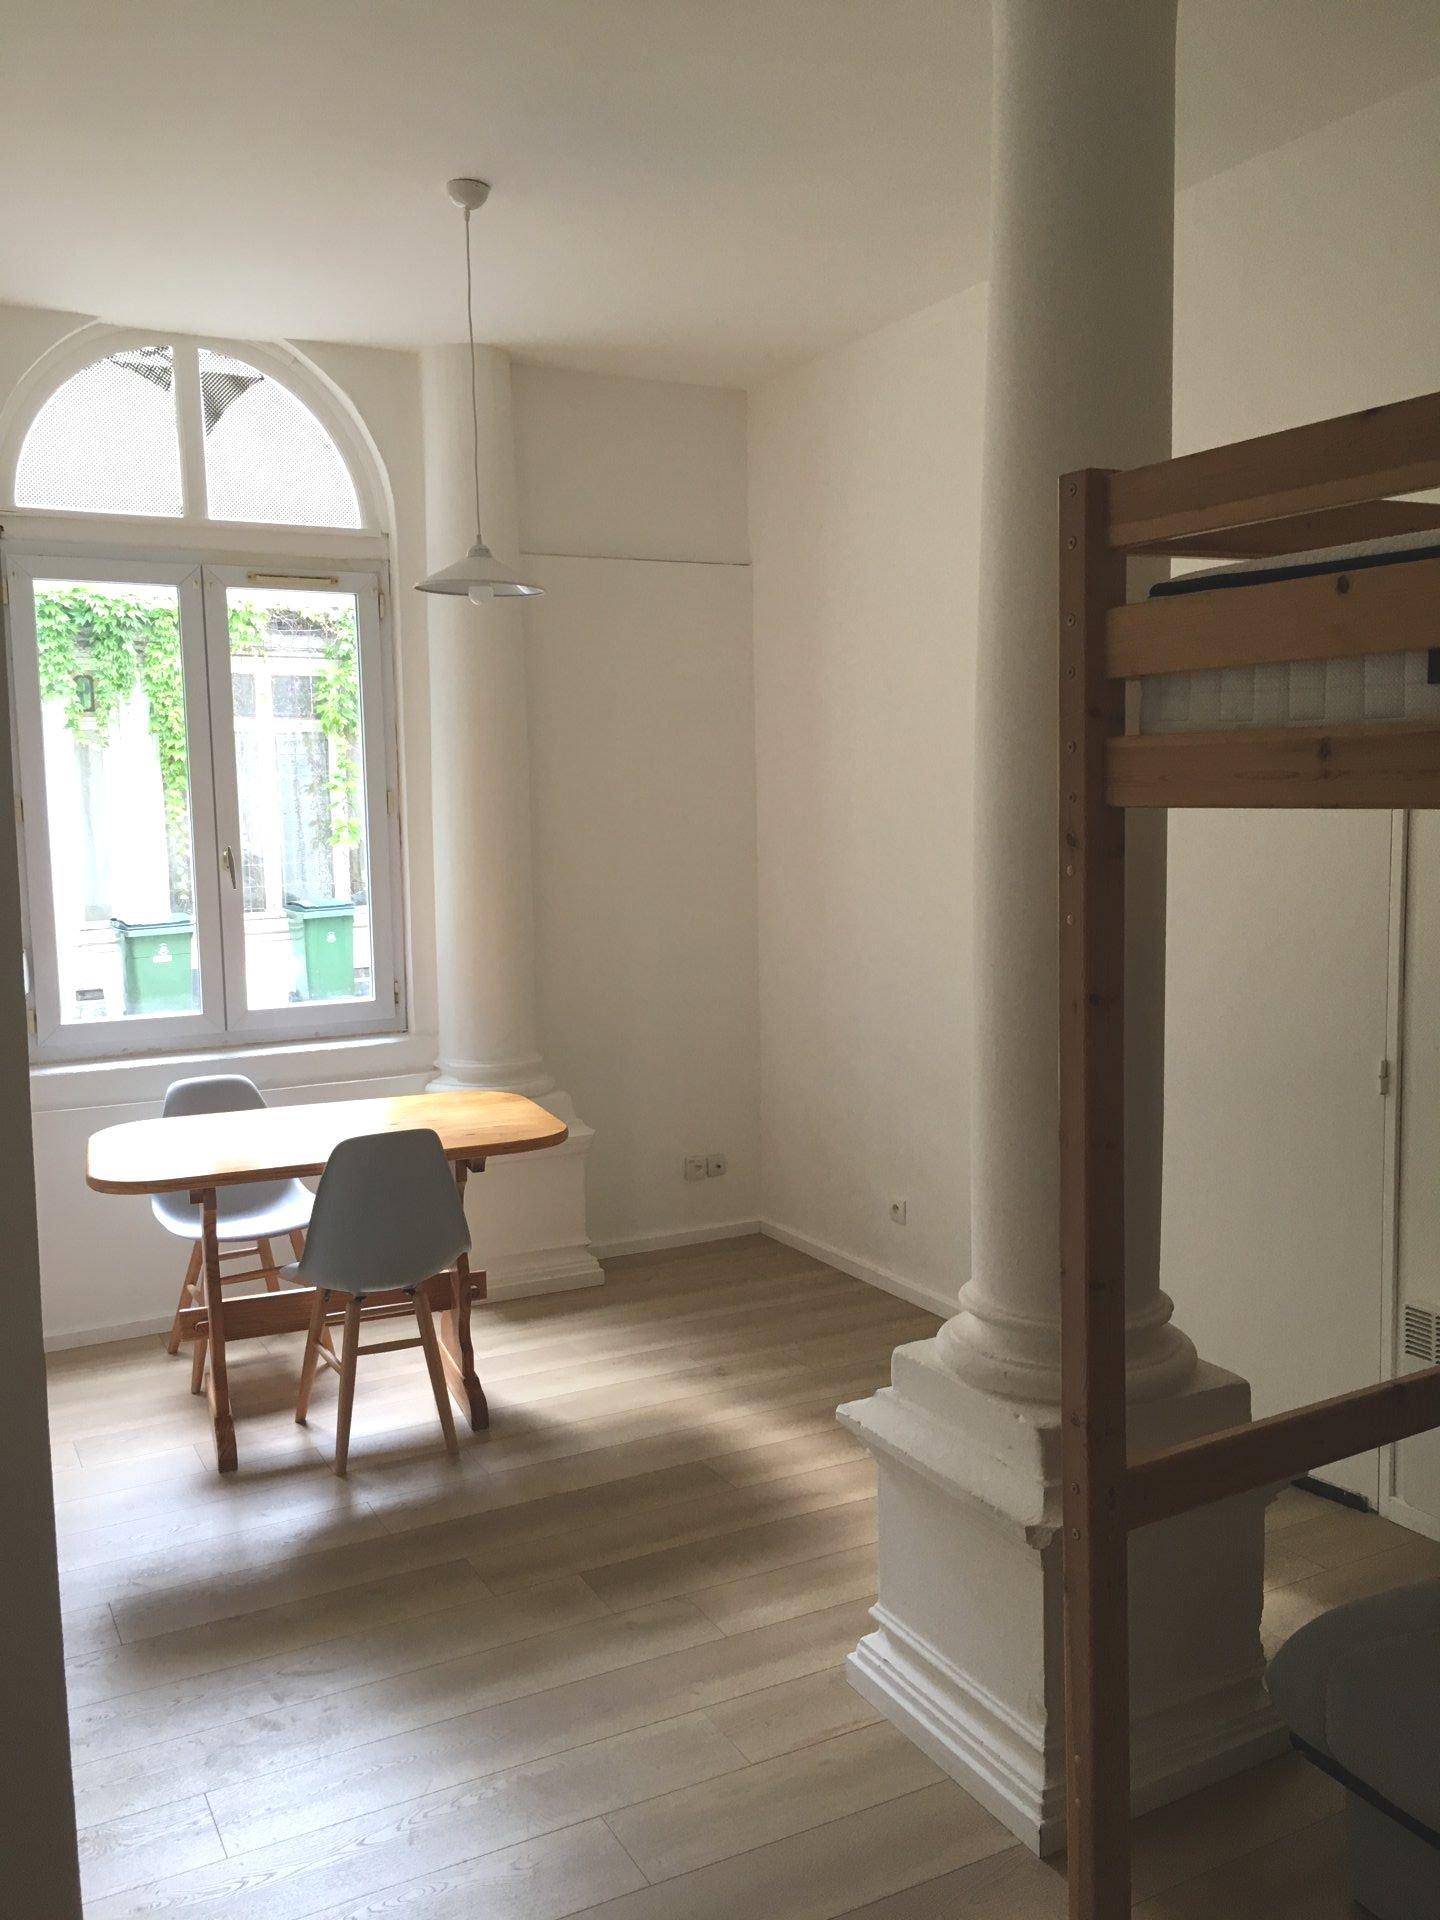 Studio - 21m2 - Amiens centre